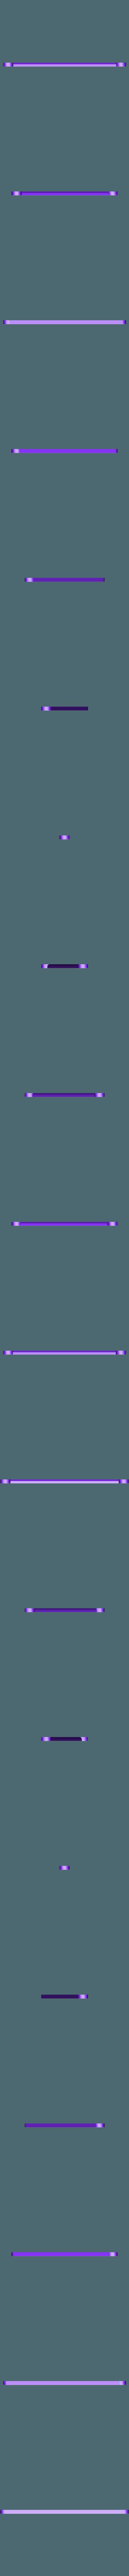 printedsteerbar.STL Download free STL file Printed truck V2: Front axle • 3D printable design, MrCrankyface